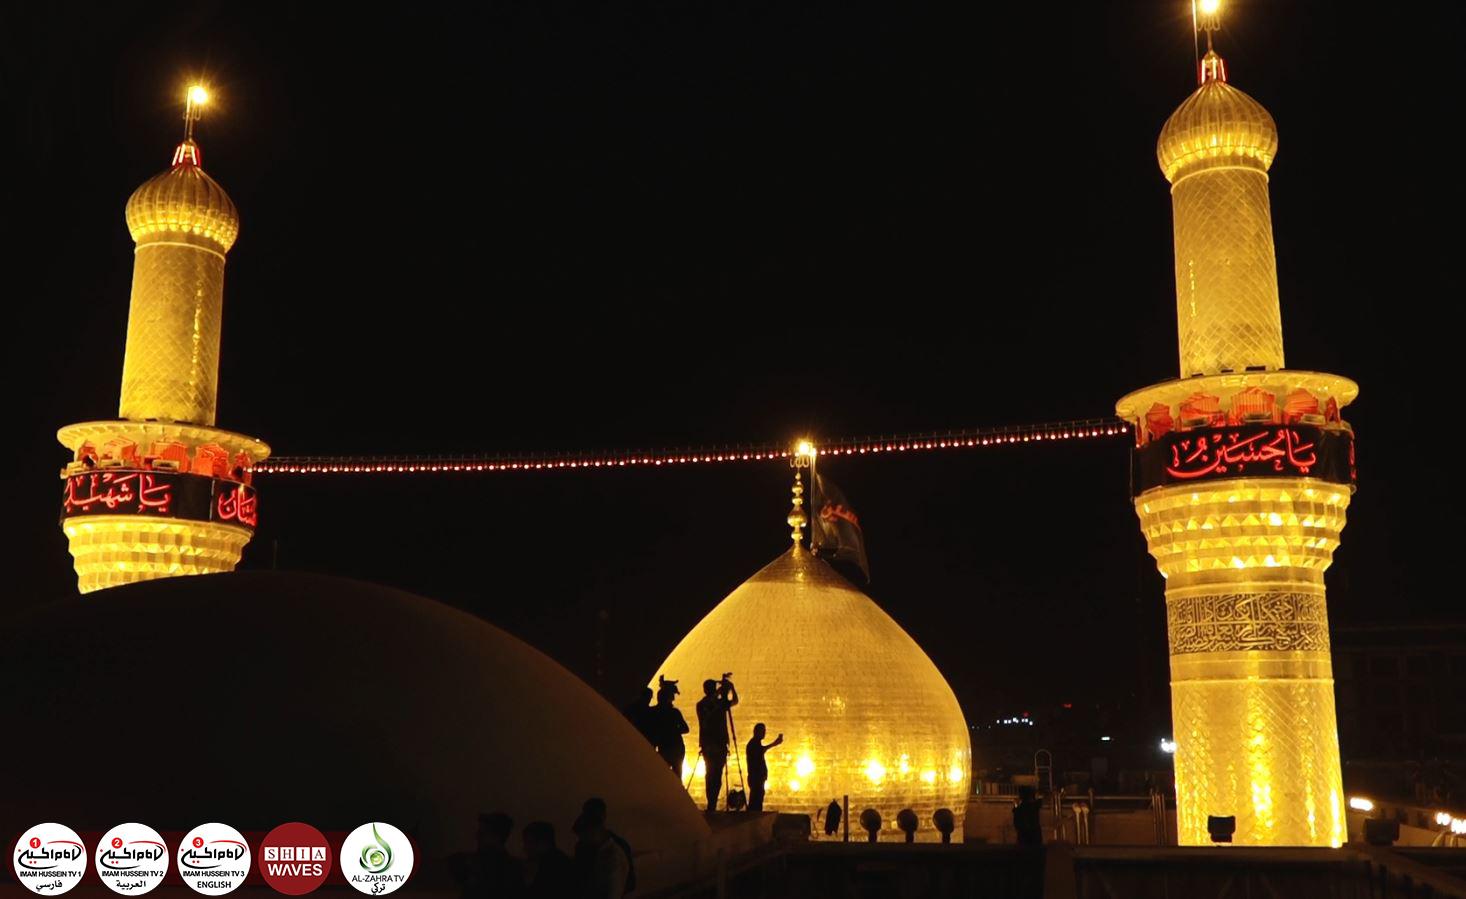 تصویر گزارش تصویری – مراسم تعویض پرچم گنبد مطهر امام حسین علیه السلام به مناسبت فرا رسیدن ماه محرم الحرام